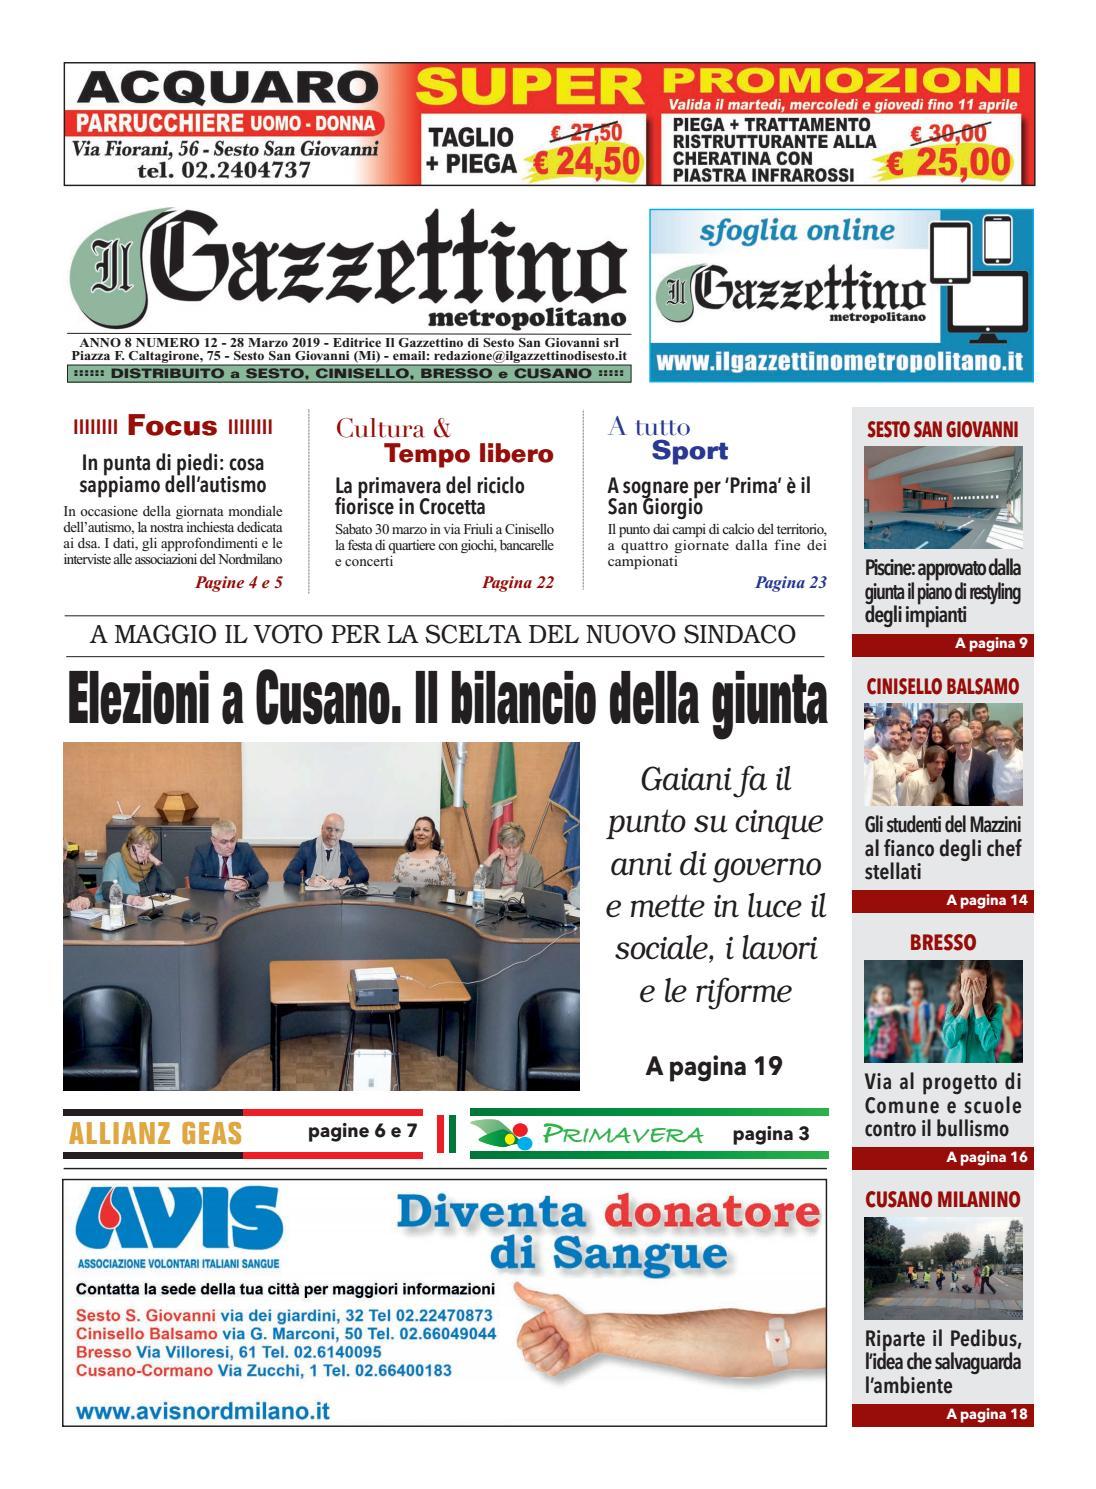 Quando è il momento migliore per unirsi incontri online incontri online Italia